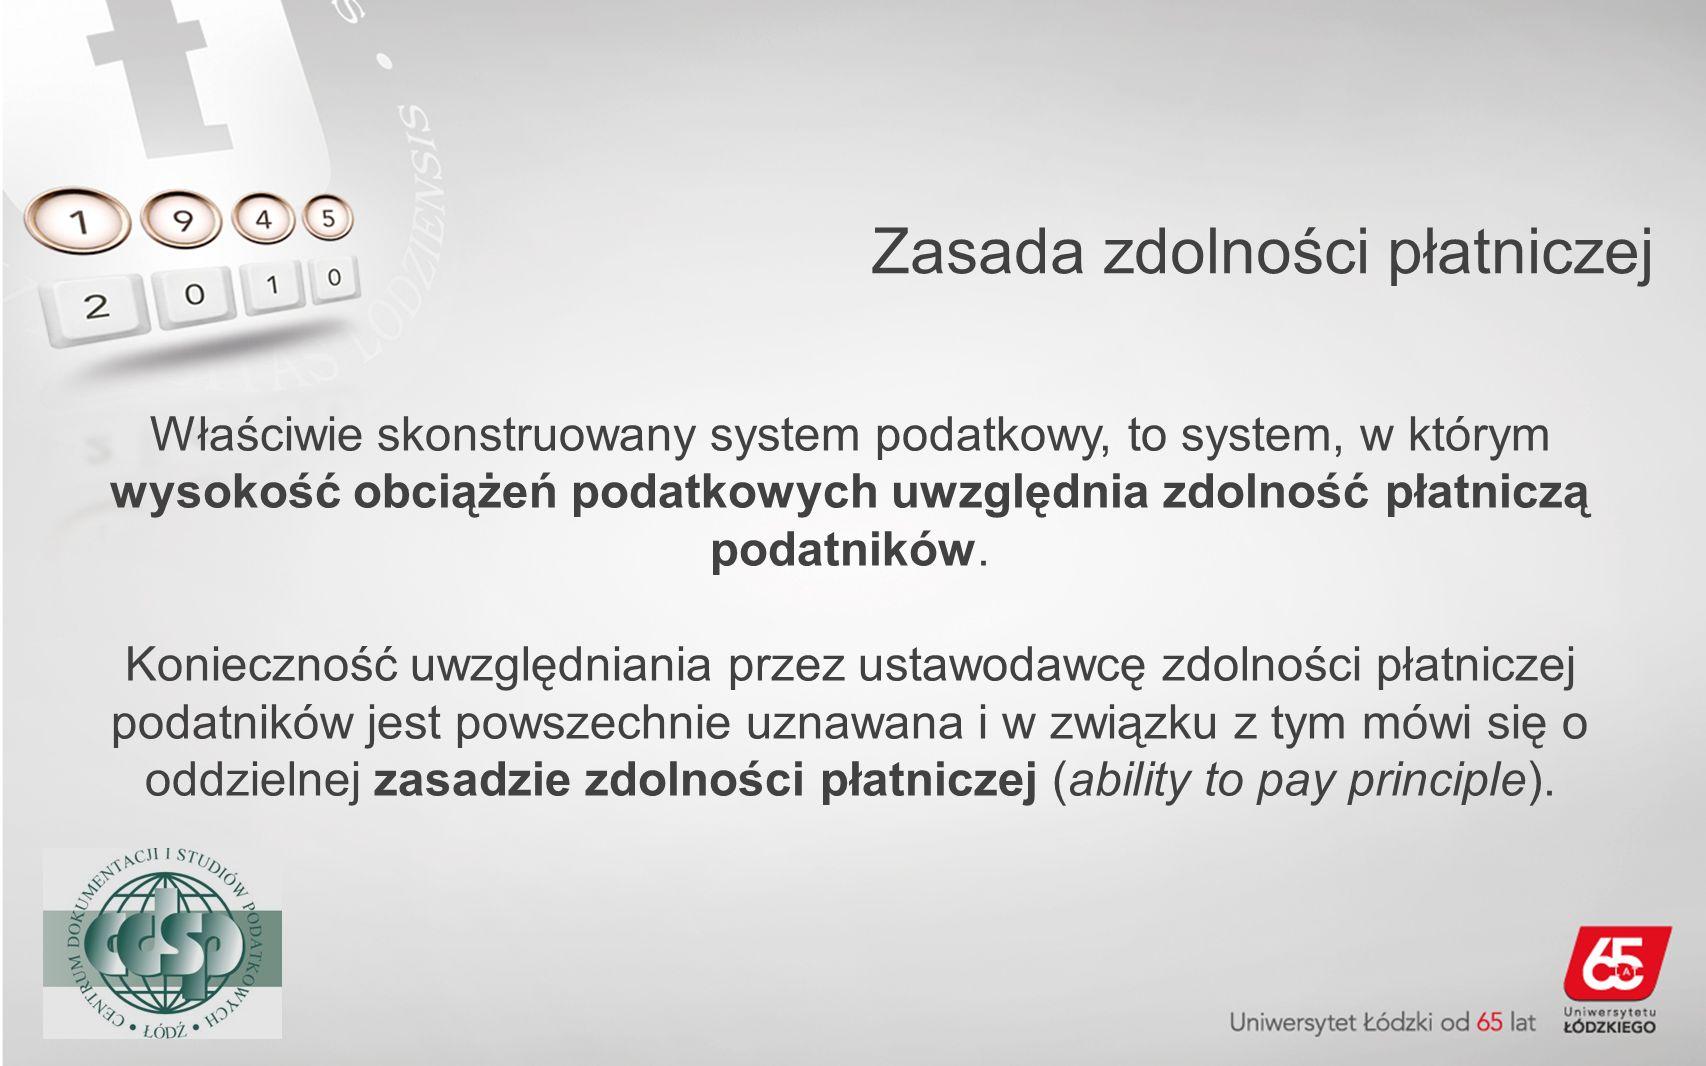 Zasada zdolności płatniczej